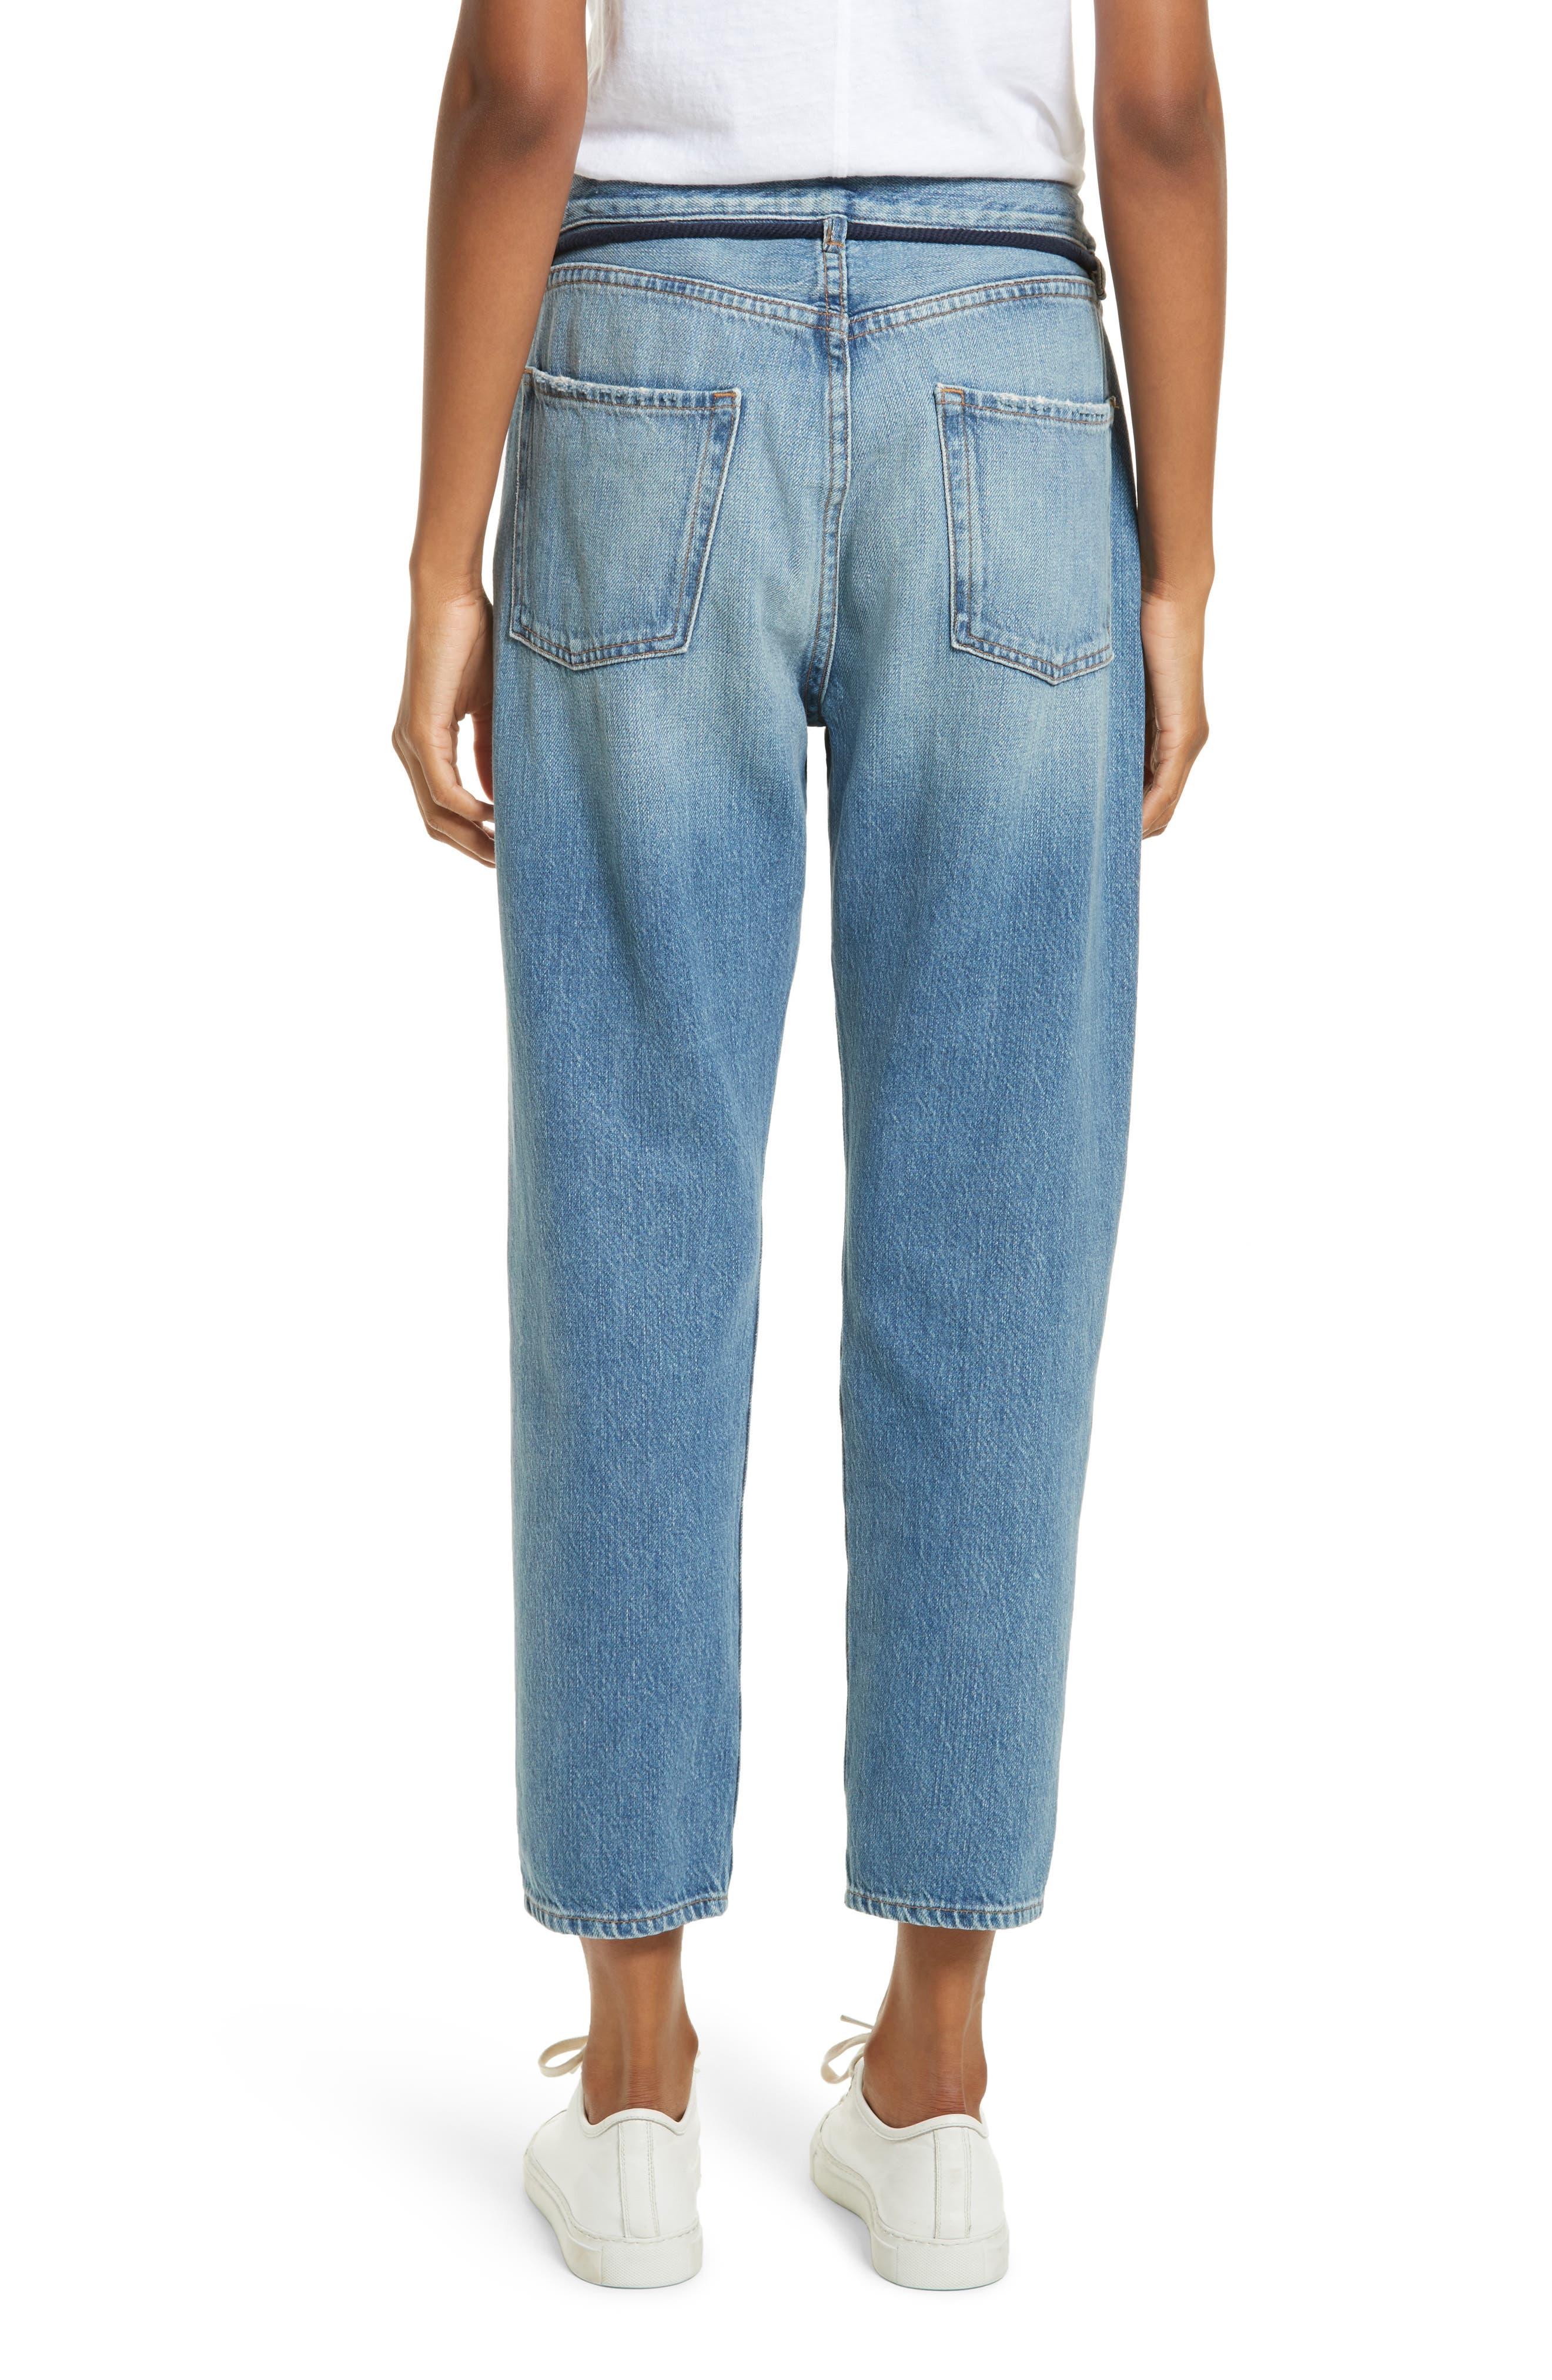 Le Original Tassel Tie High Waist Jeans,                             Alternate thumbnail 4, color,                             Bowman